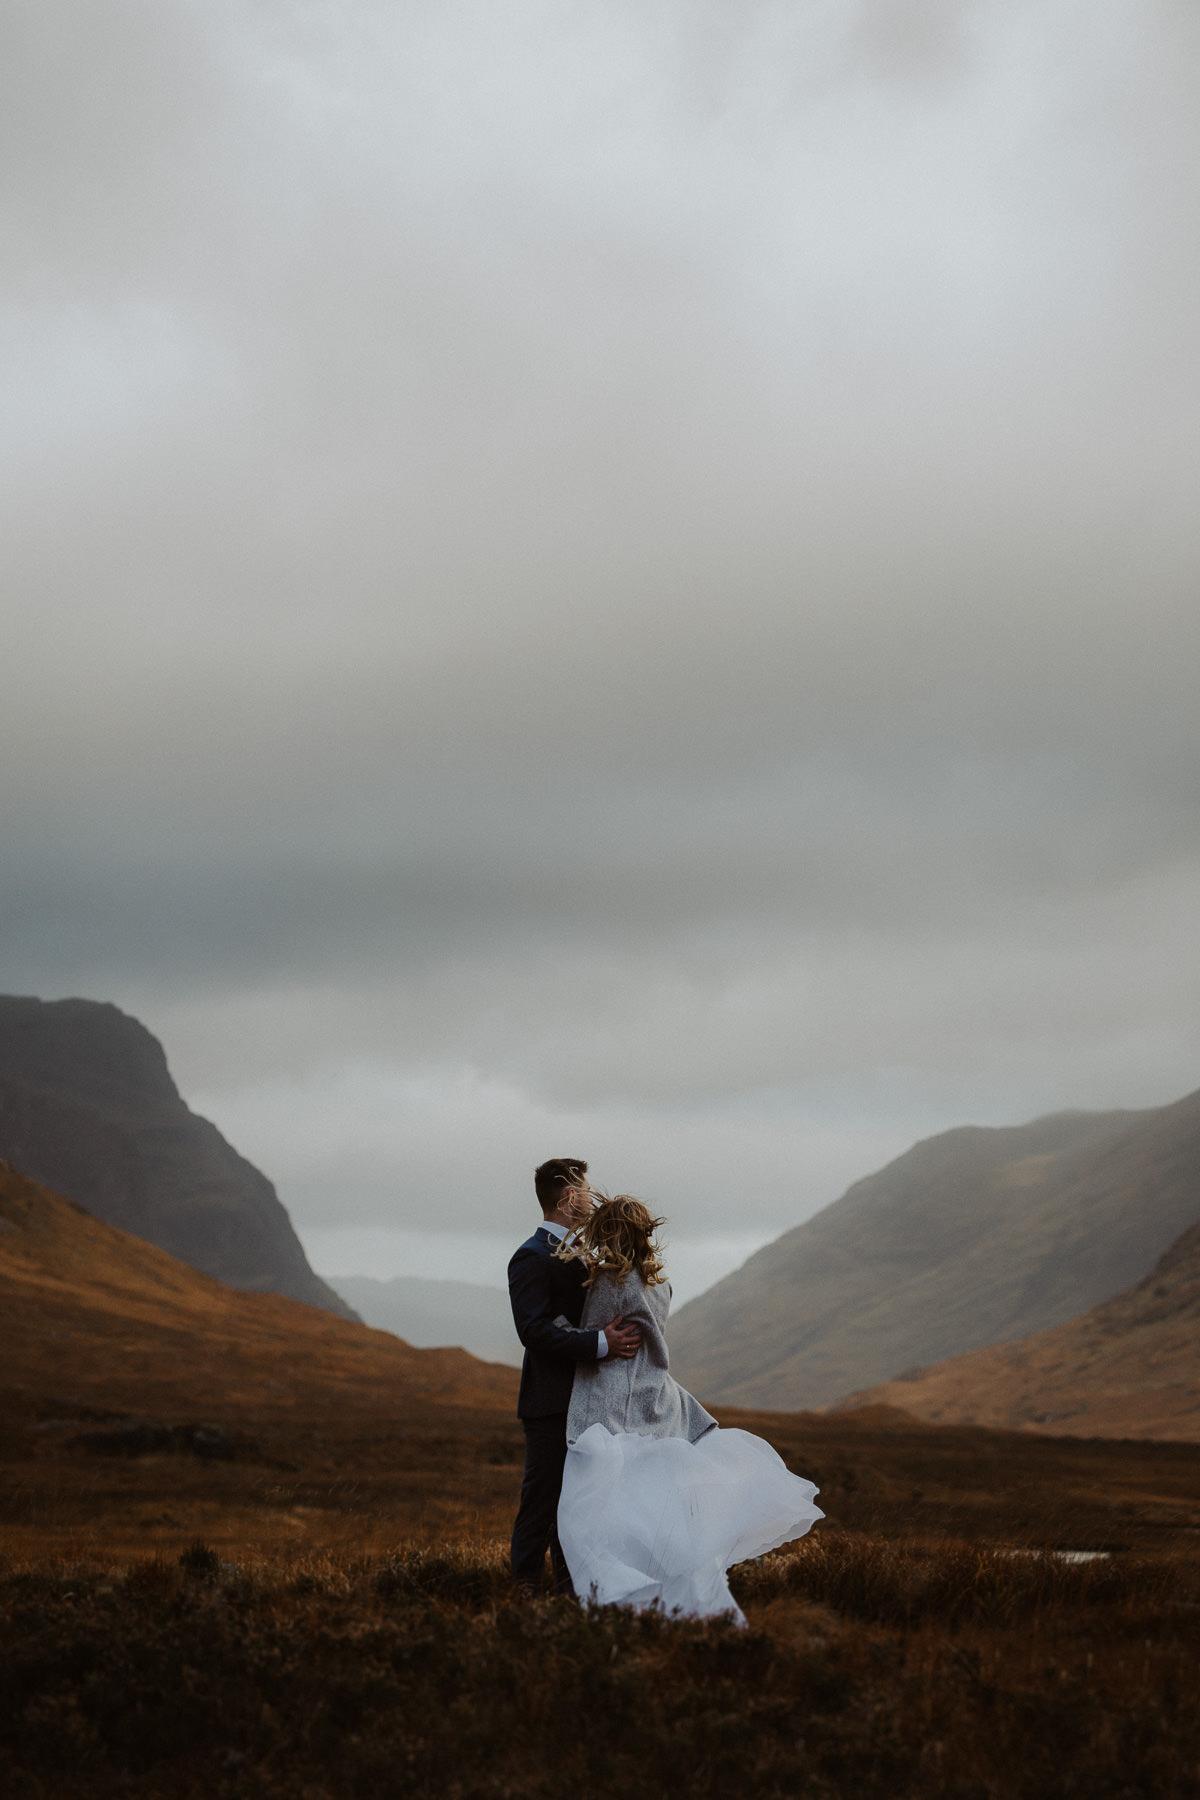 GLENCOE-blog-sesja-slubna-plener-szkocja-elopement-wedding-session_20181104_11-25-05_IMG_4755 Glencoe plener ślubny - sesja ślubna w Szkocji - love story Scotland